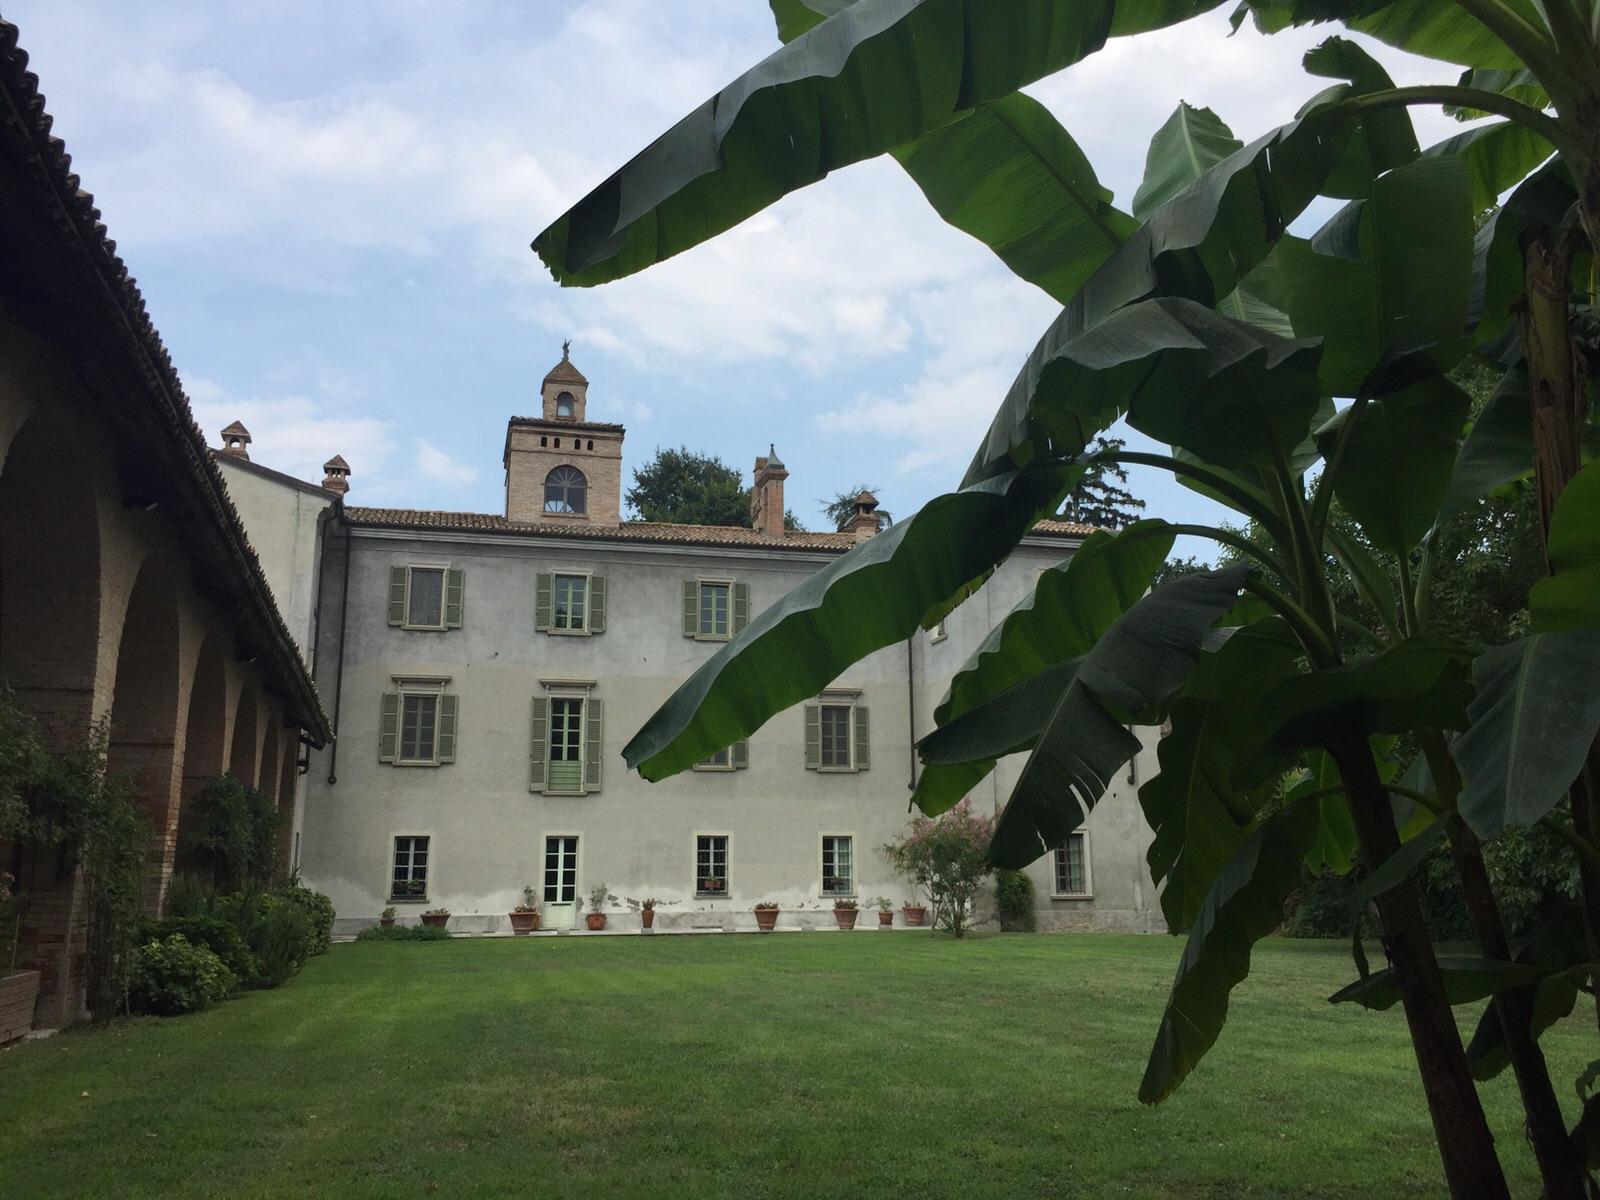 Casa di lusso villa lambertenghi milano for Piani di casa vittoriana di lusso